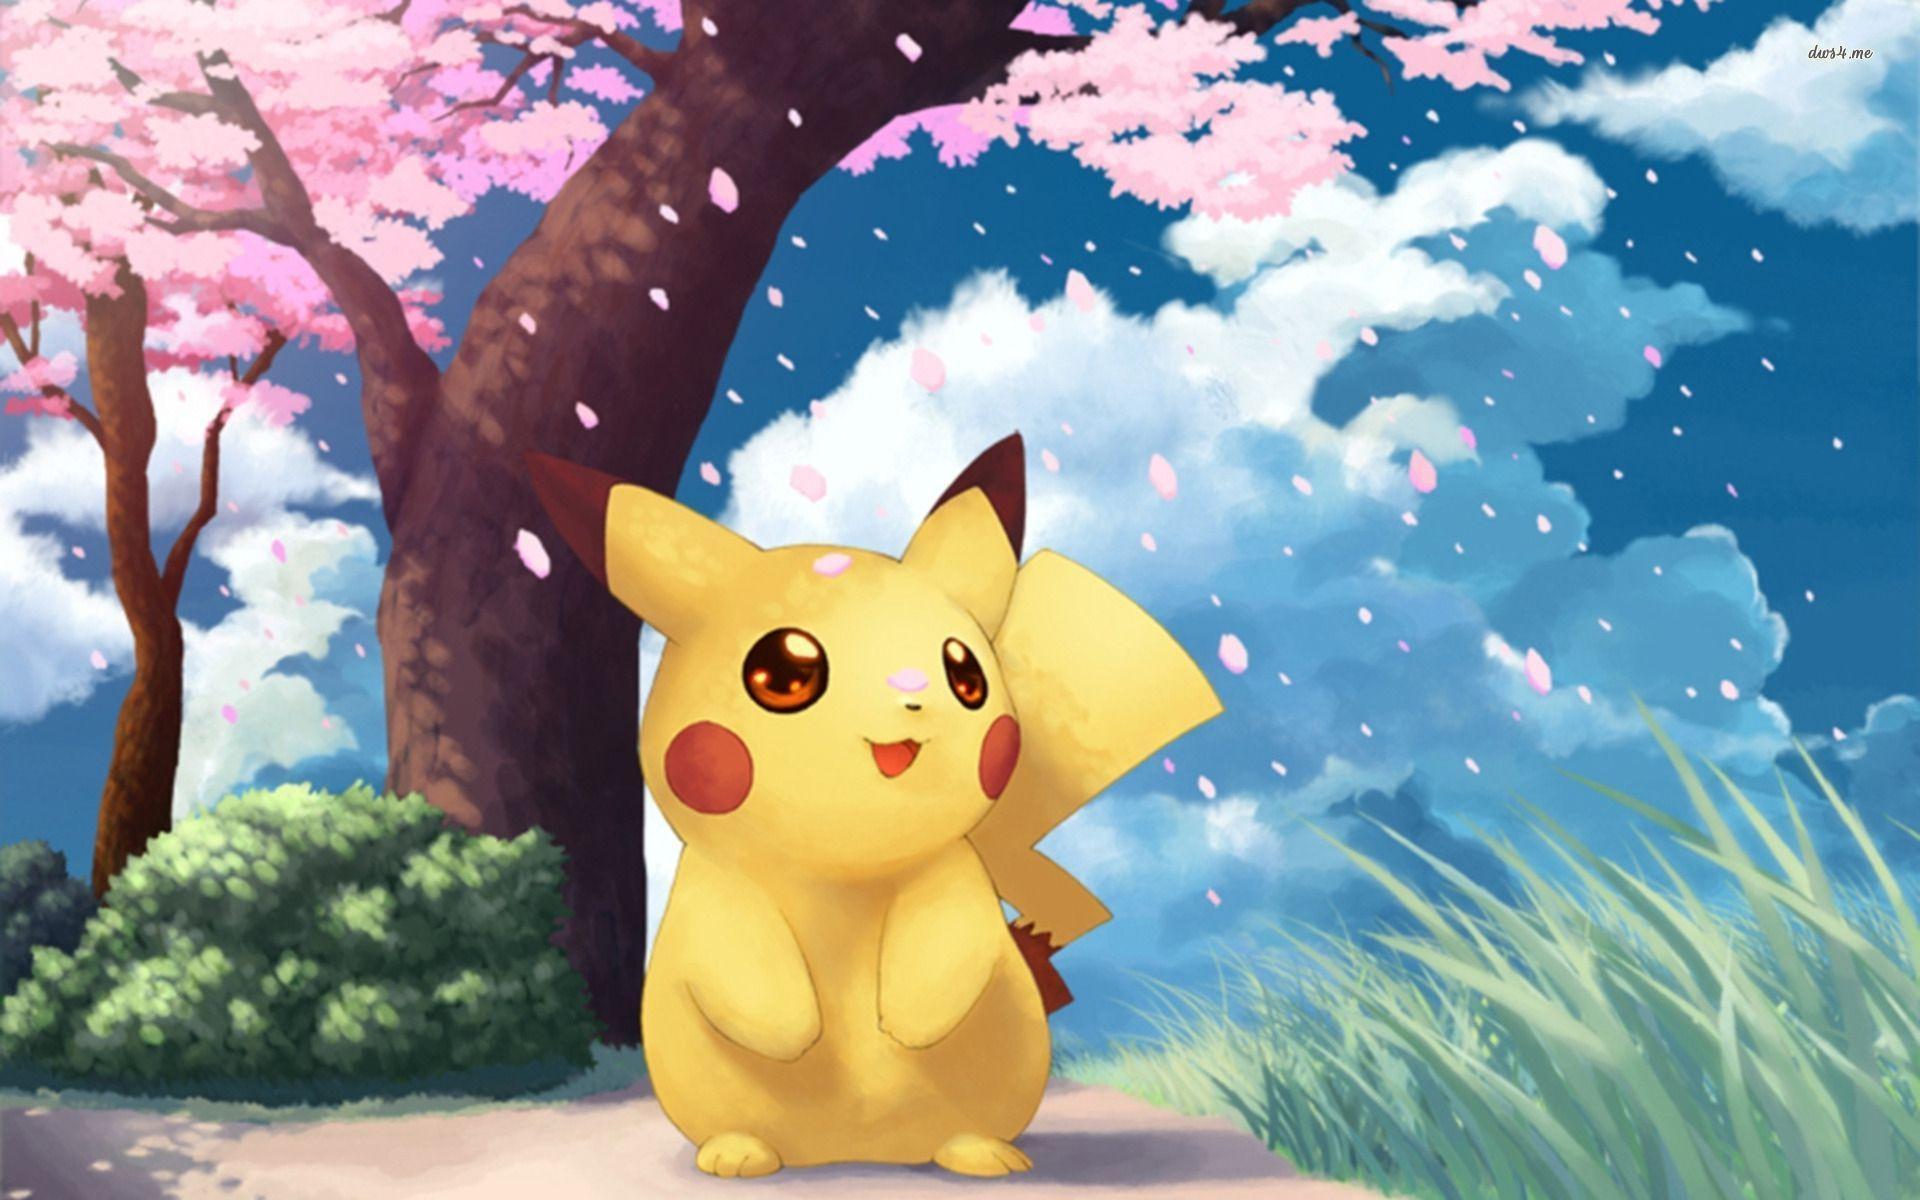 Pokemon Pikachu Wallpapers 1920x1200